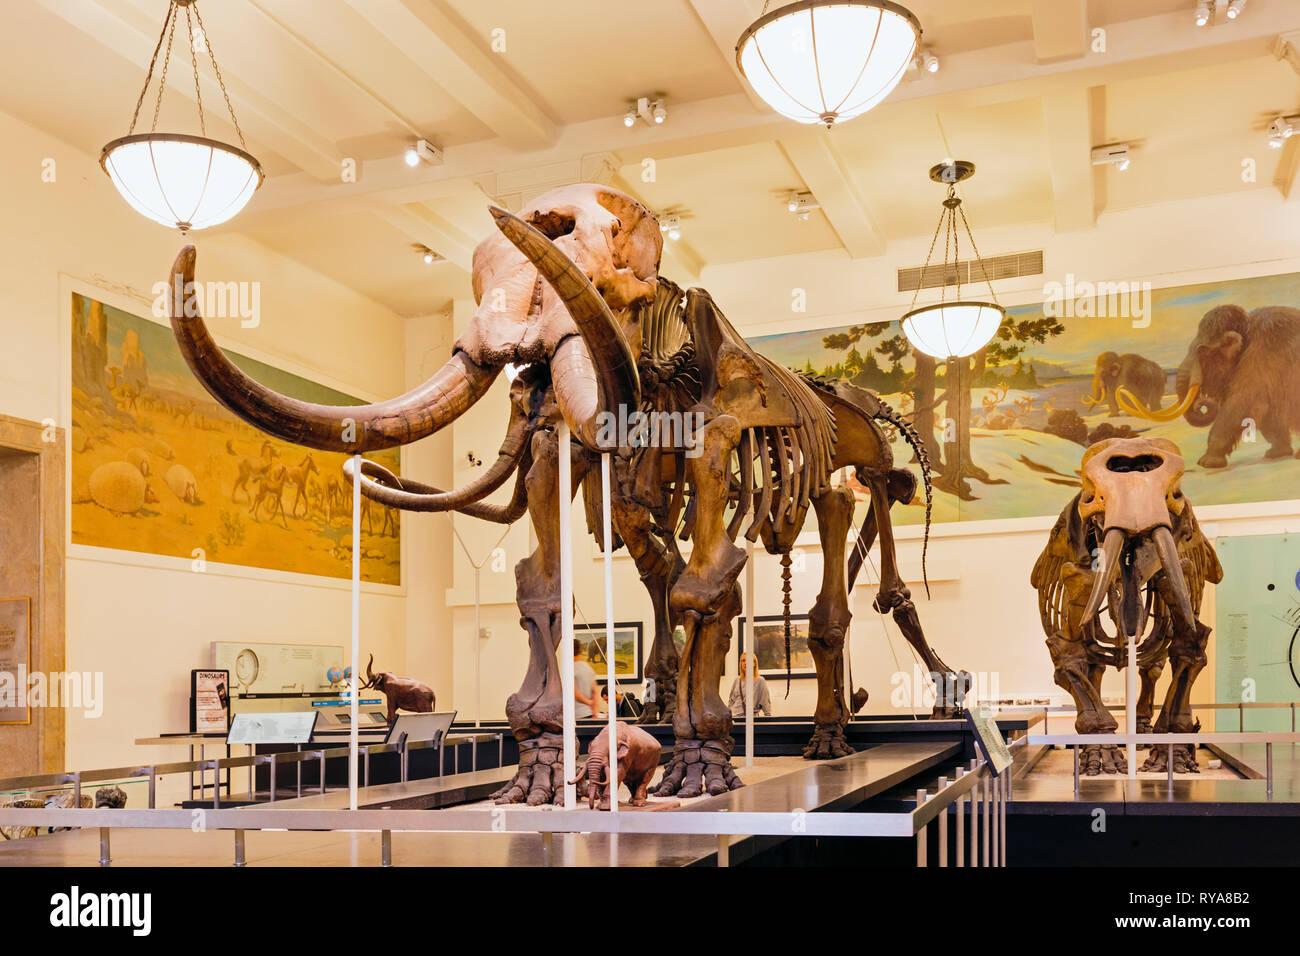 Squelette d'un mammouth, le Musée Américain d'Histoire Naturelle. La ville de New York, État de New York, États-Unis d'Amérique. Photo Stock